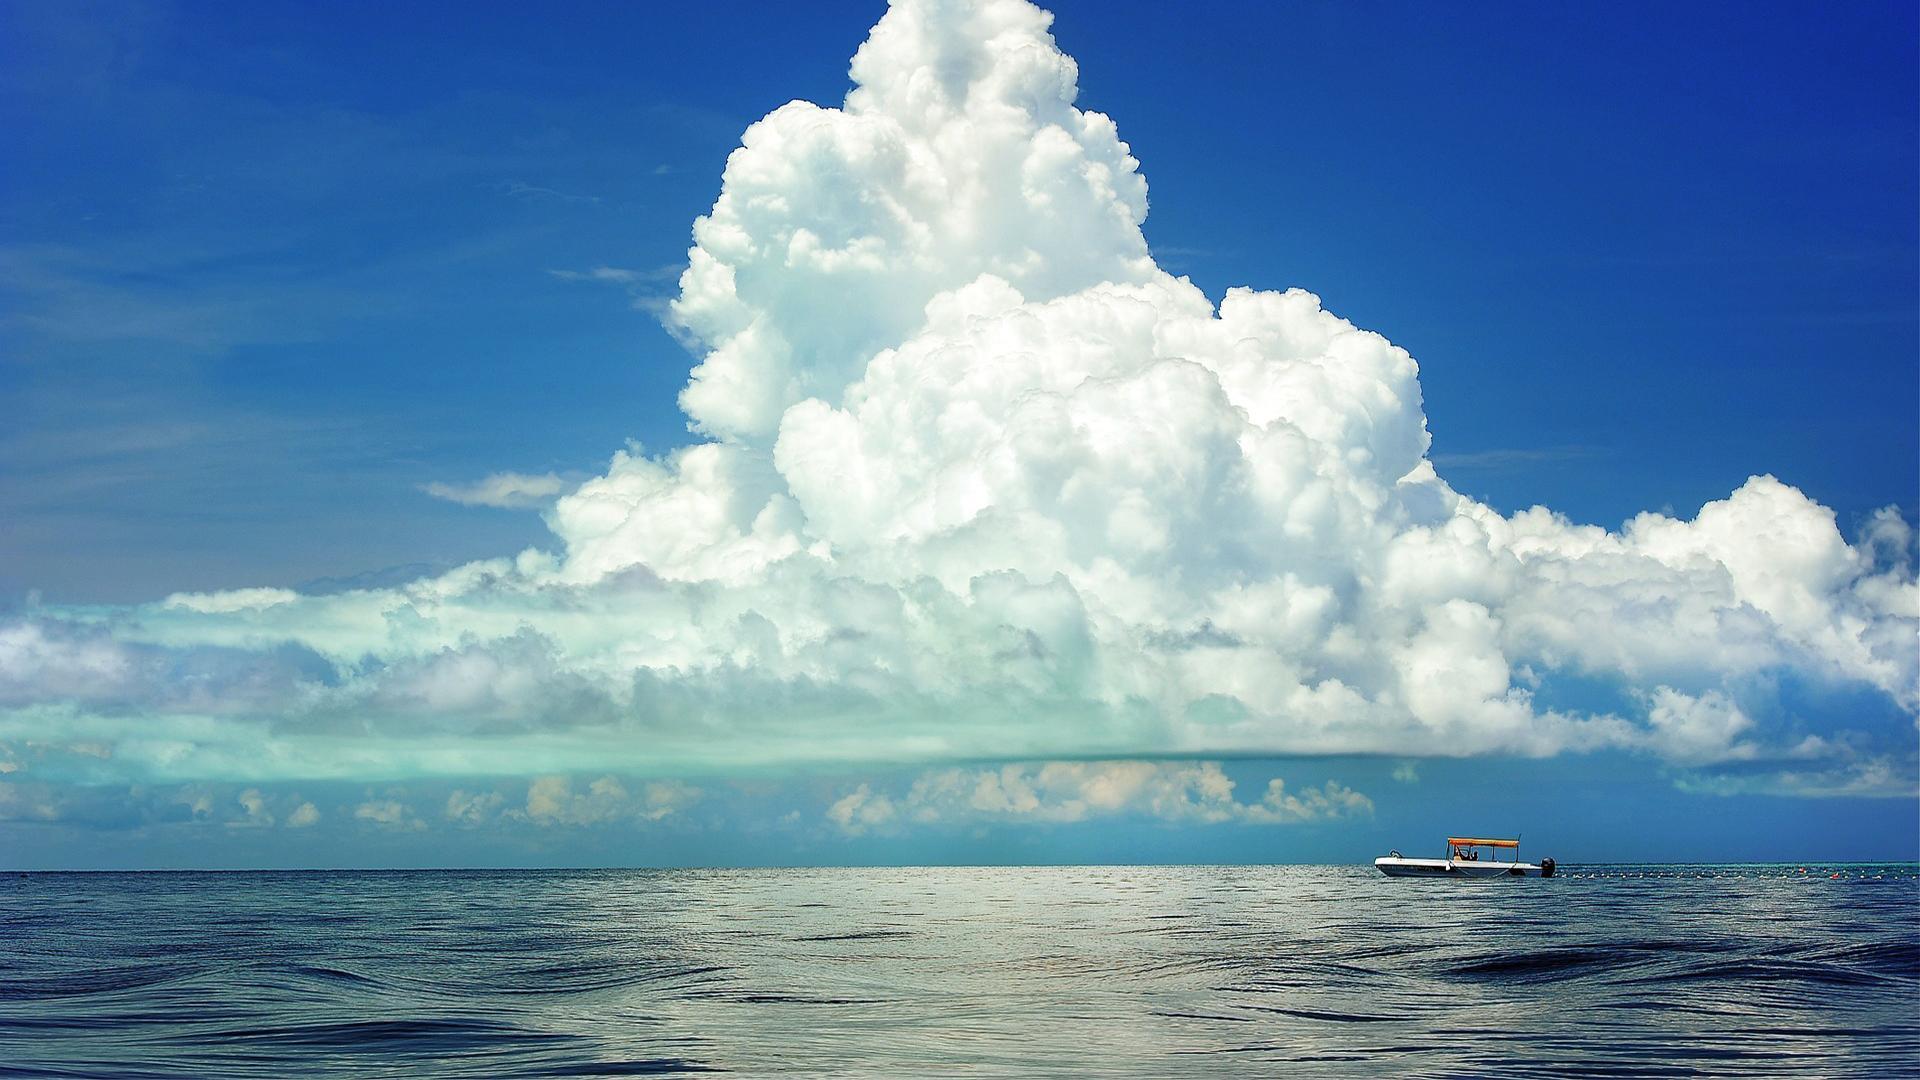 清新唯美蓝天白云风景桌面壁纸